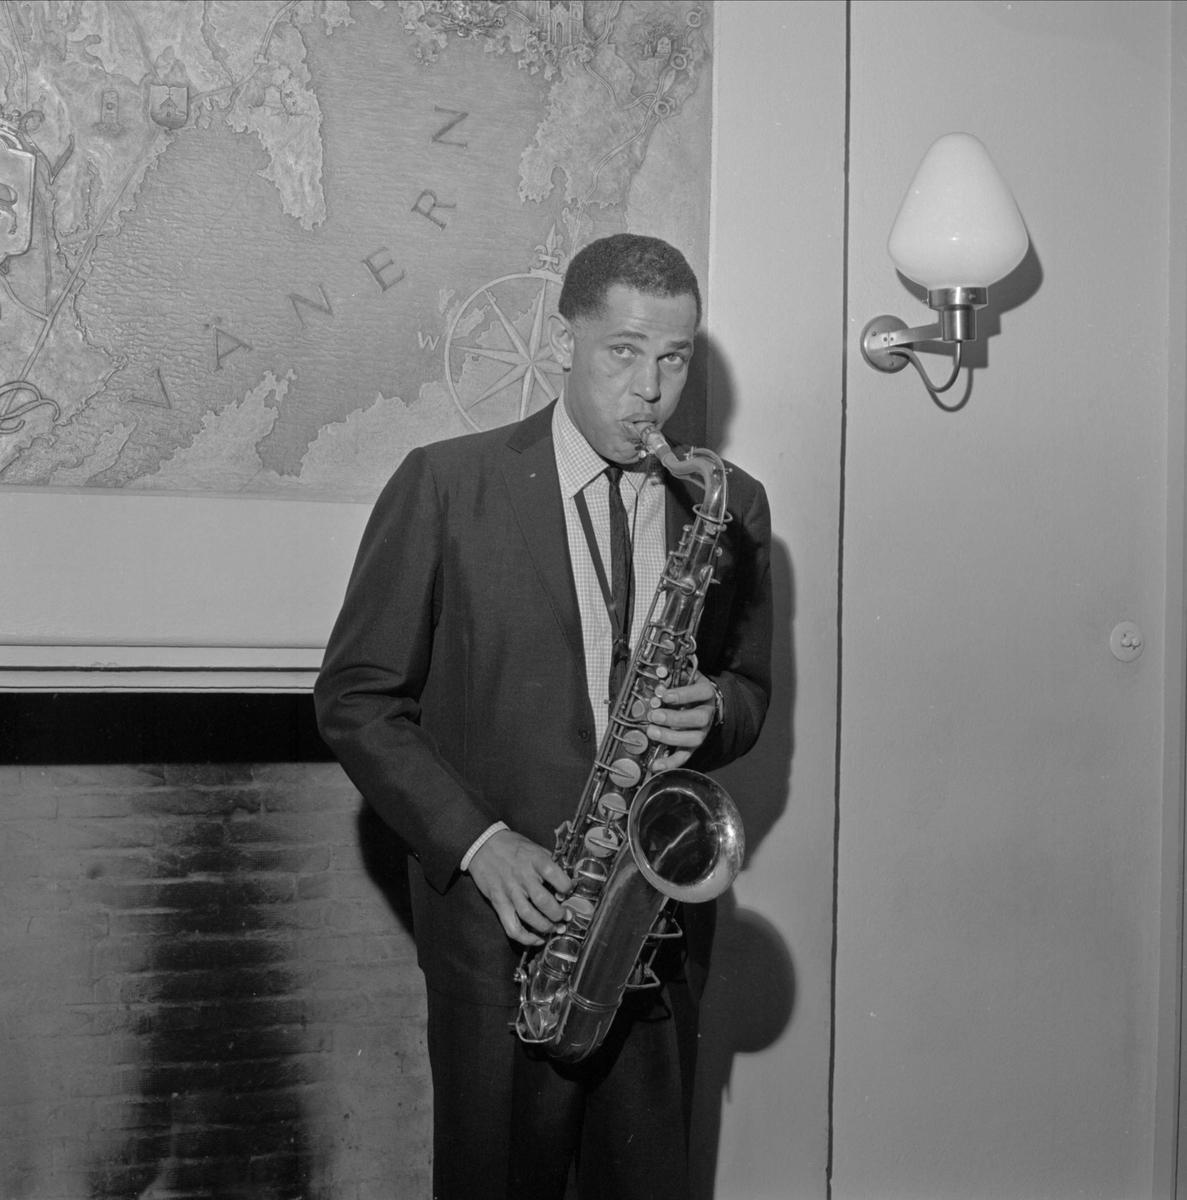 Jazzkonsert med Dexter Gordon, Gästrike-Hälsinge nation, Trädgårdsgatan, Uppsala, oktober 1964